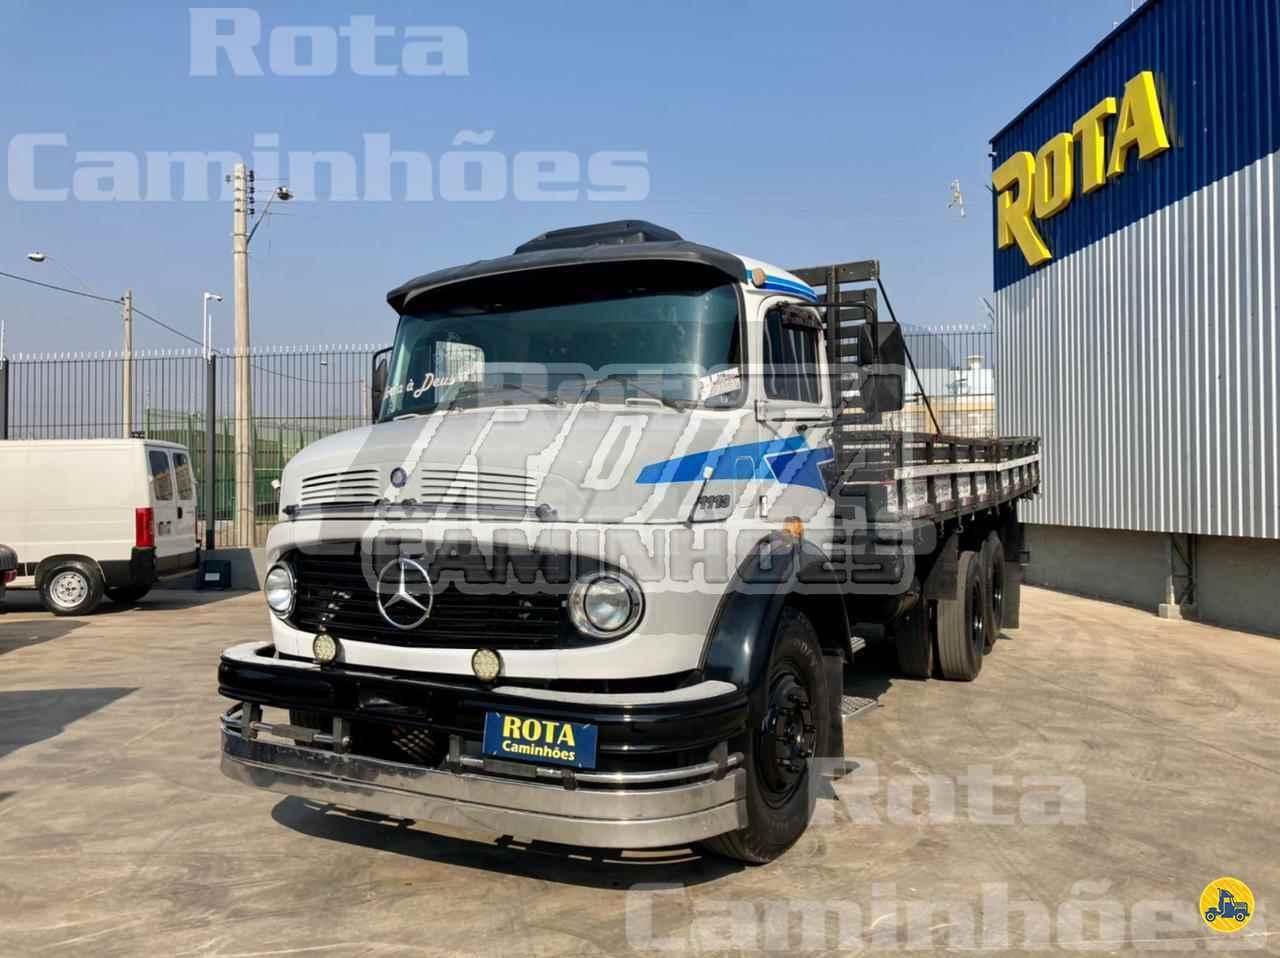 CAMINHAO MERCEDES-BENZ MB 1113 Carga Seca Truck 6x2 Rota Caminhões SUMARE SÃO PAULO SP